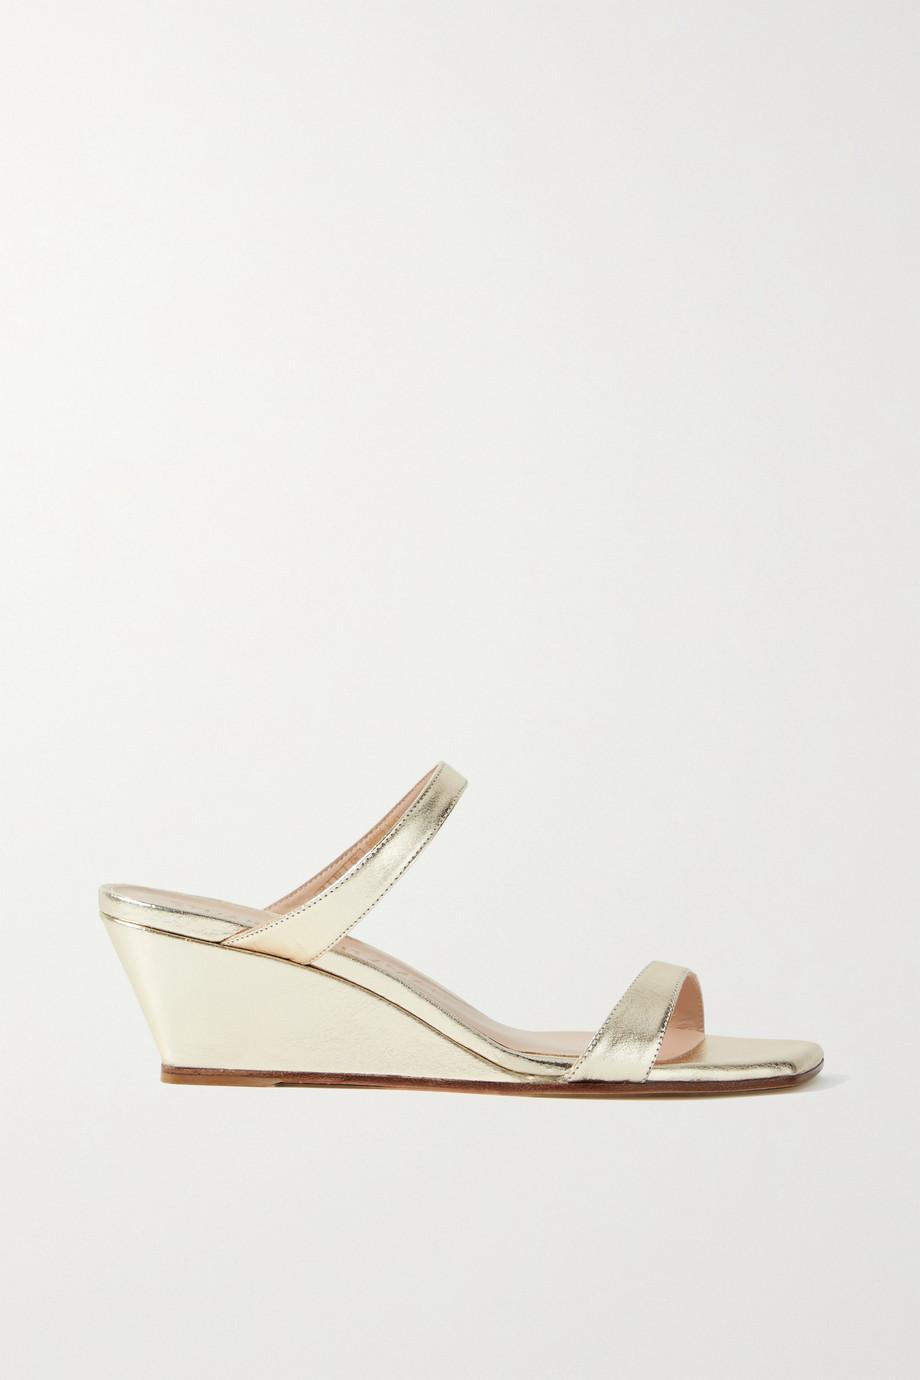 Stuart Weitzman Aleena metallic leather wedge sandals